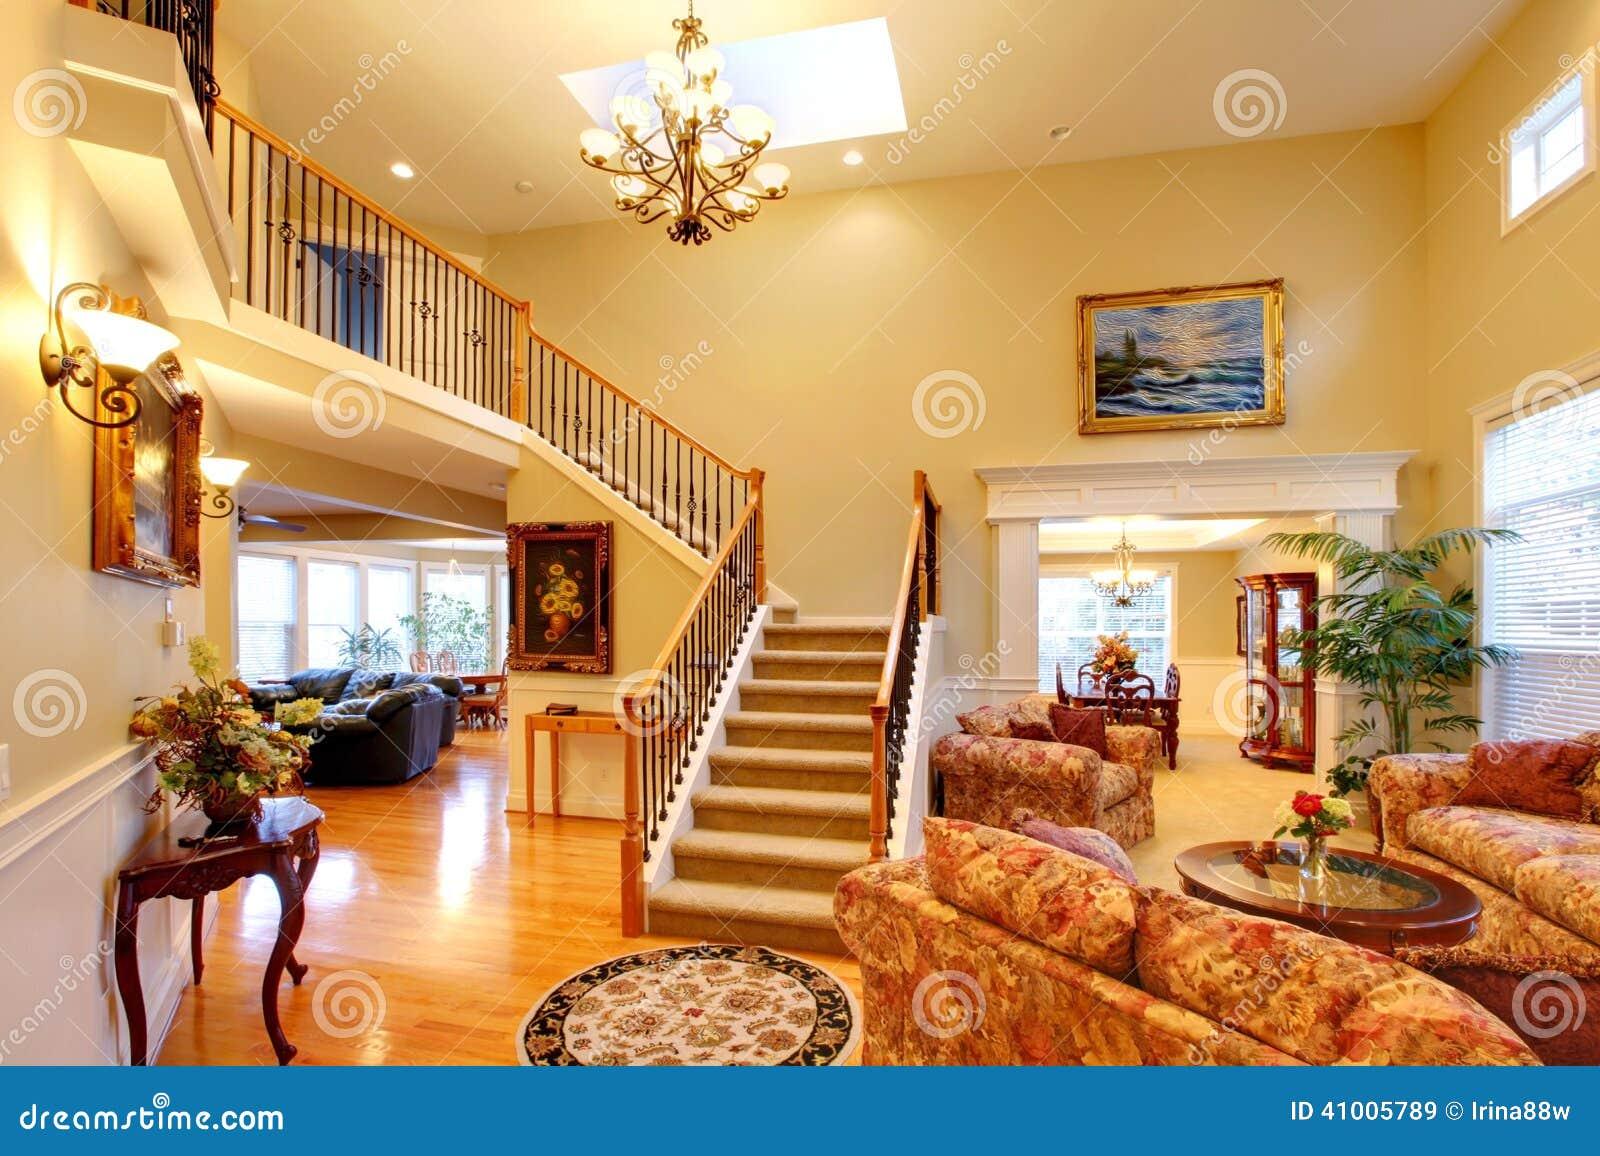 Decoracion casa color blanco